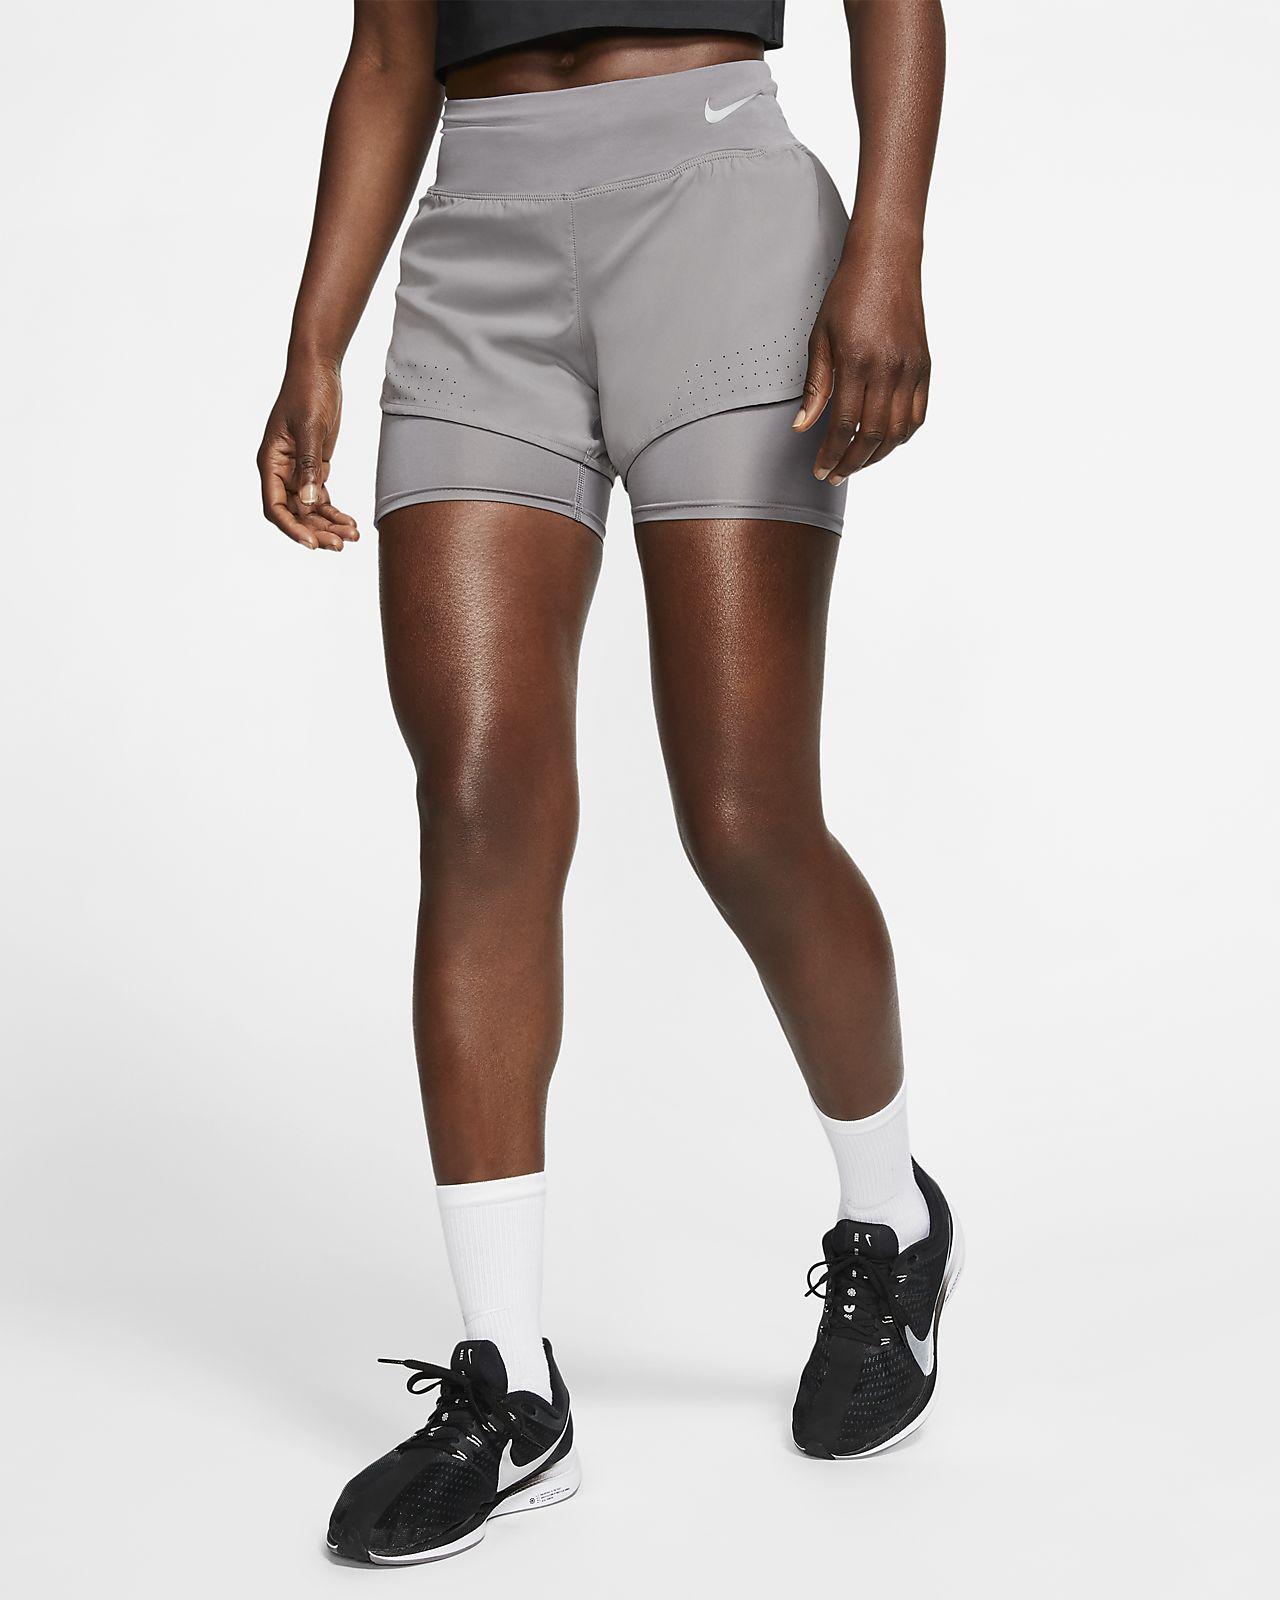 für Damen Laufshorts Nike Eclipse 1 2 in thsQCrd